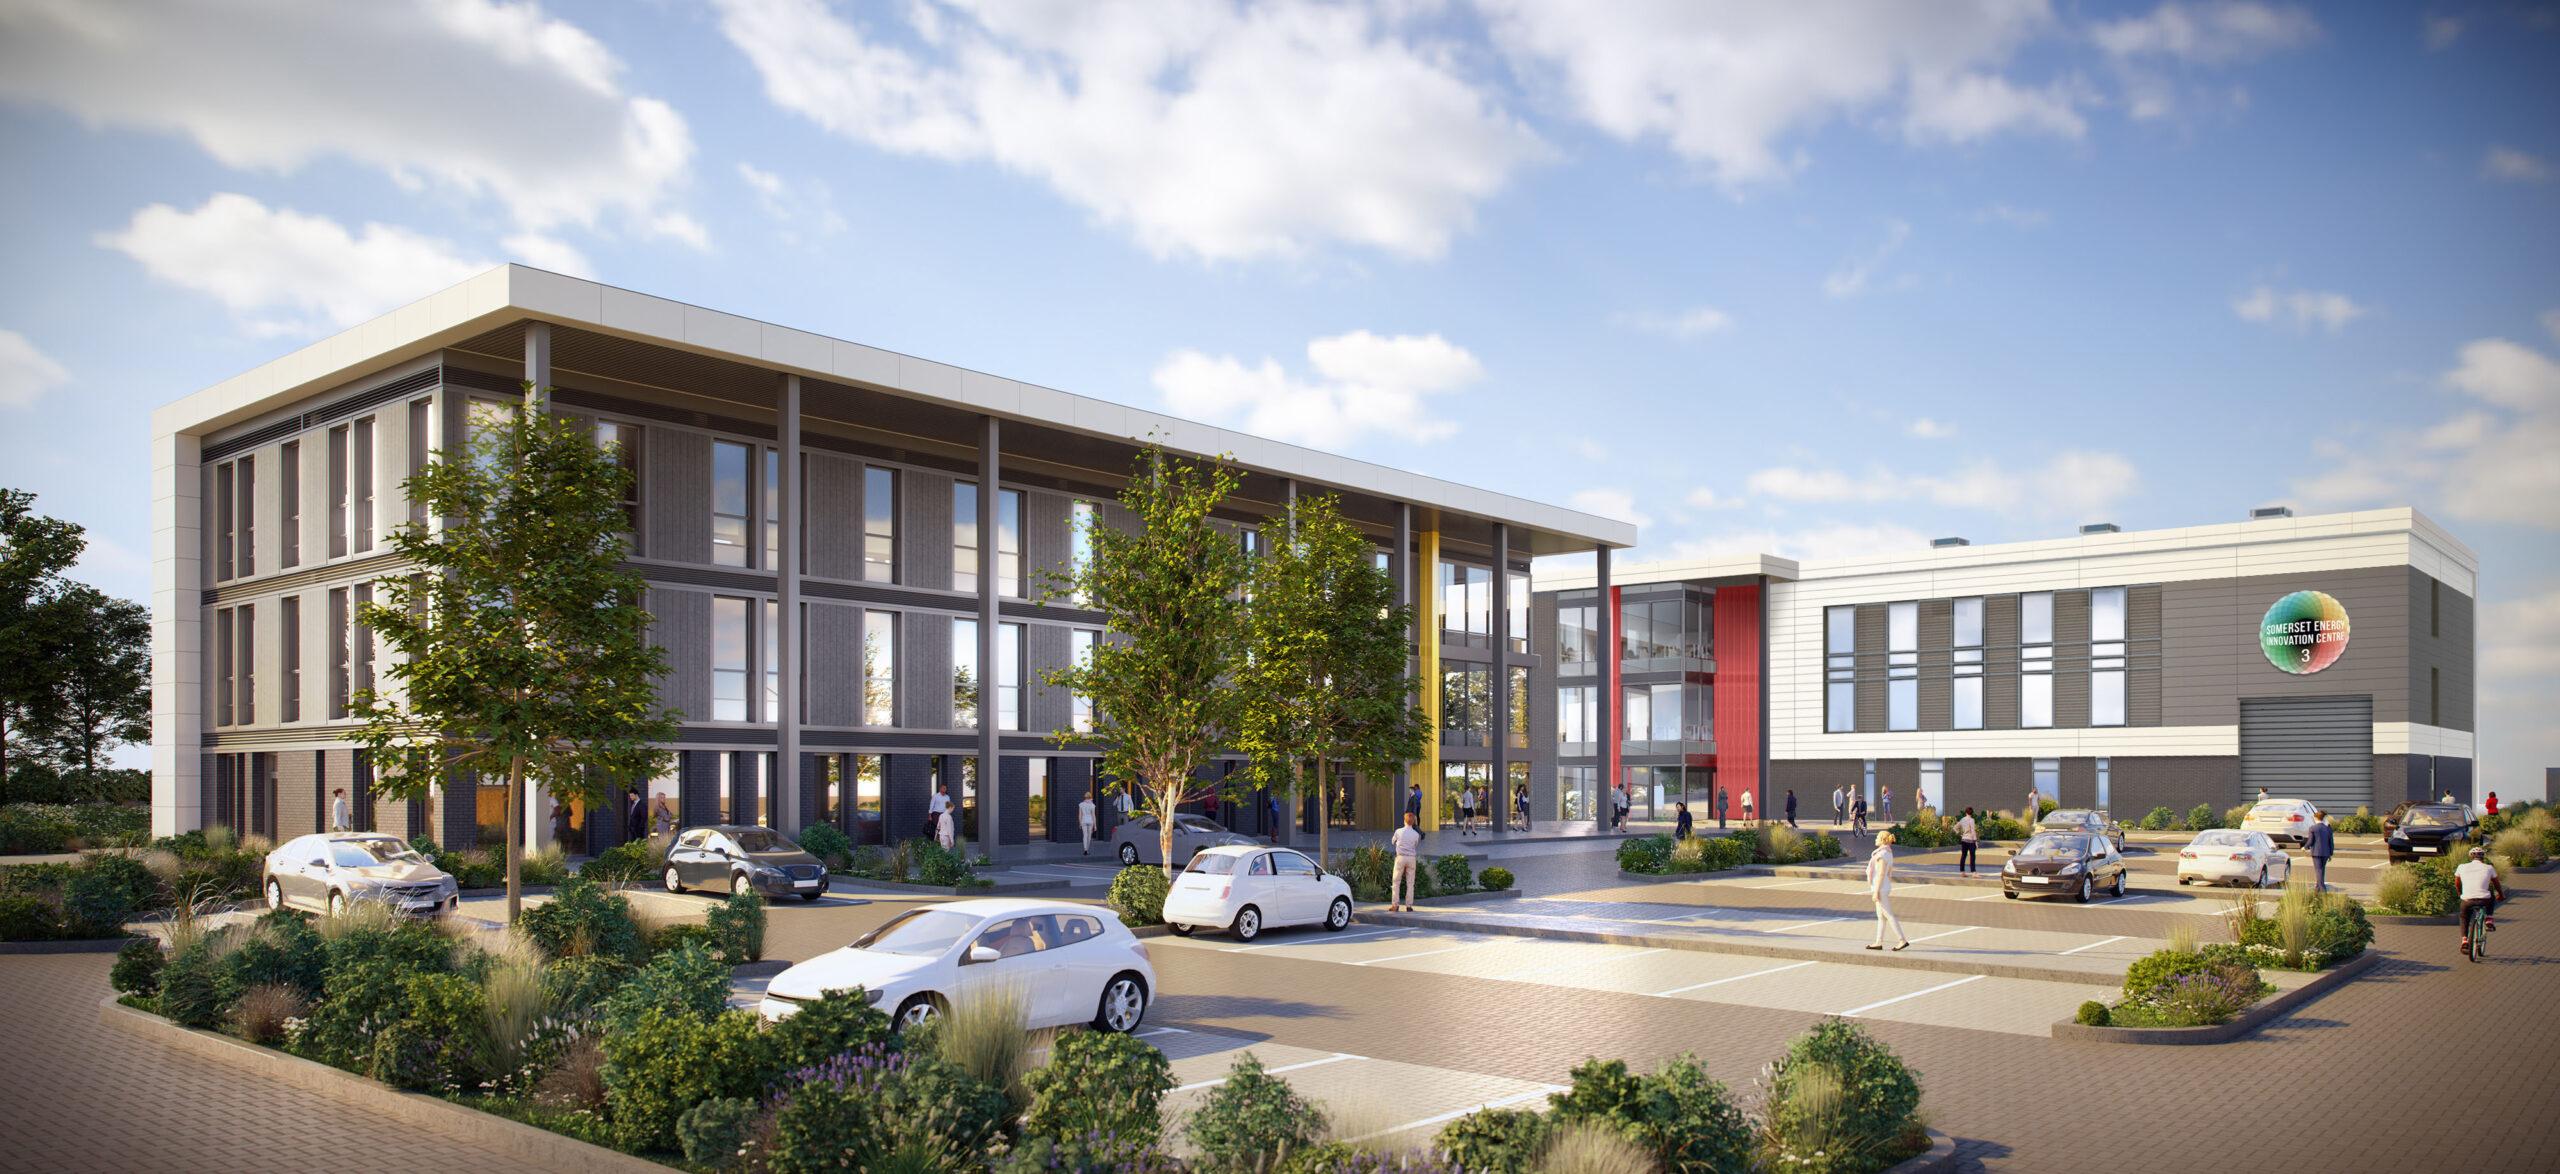 CGI of SEIC building exterior